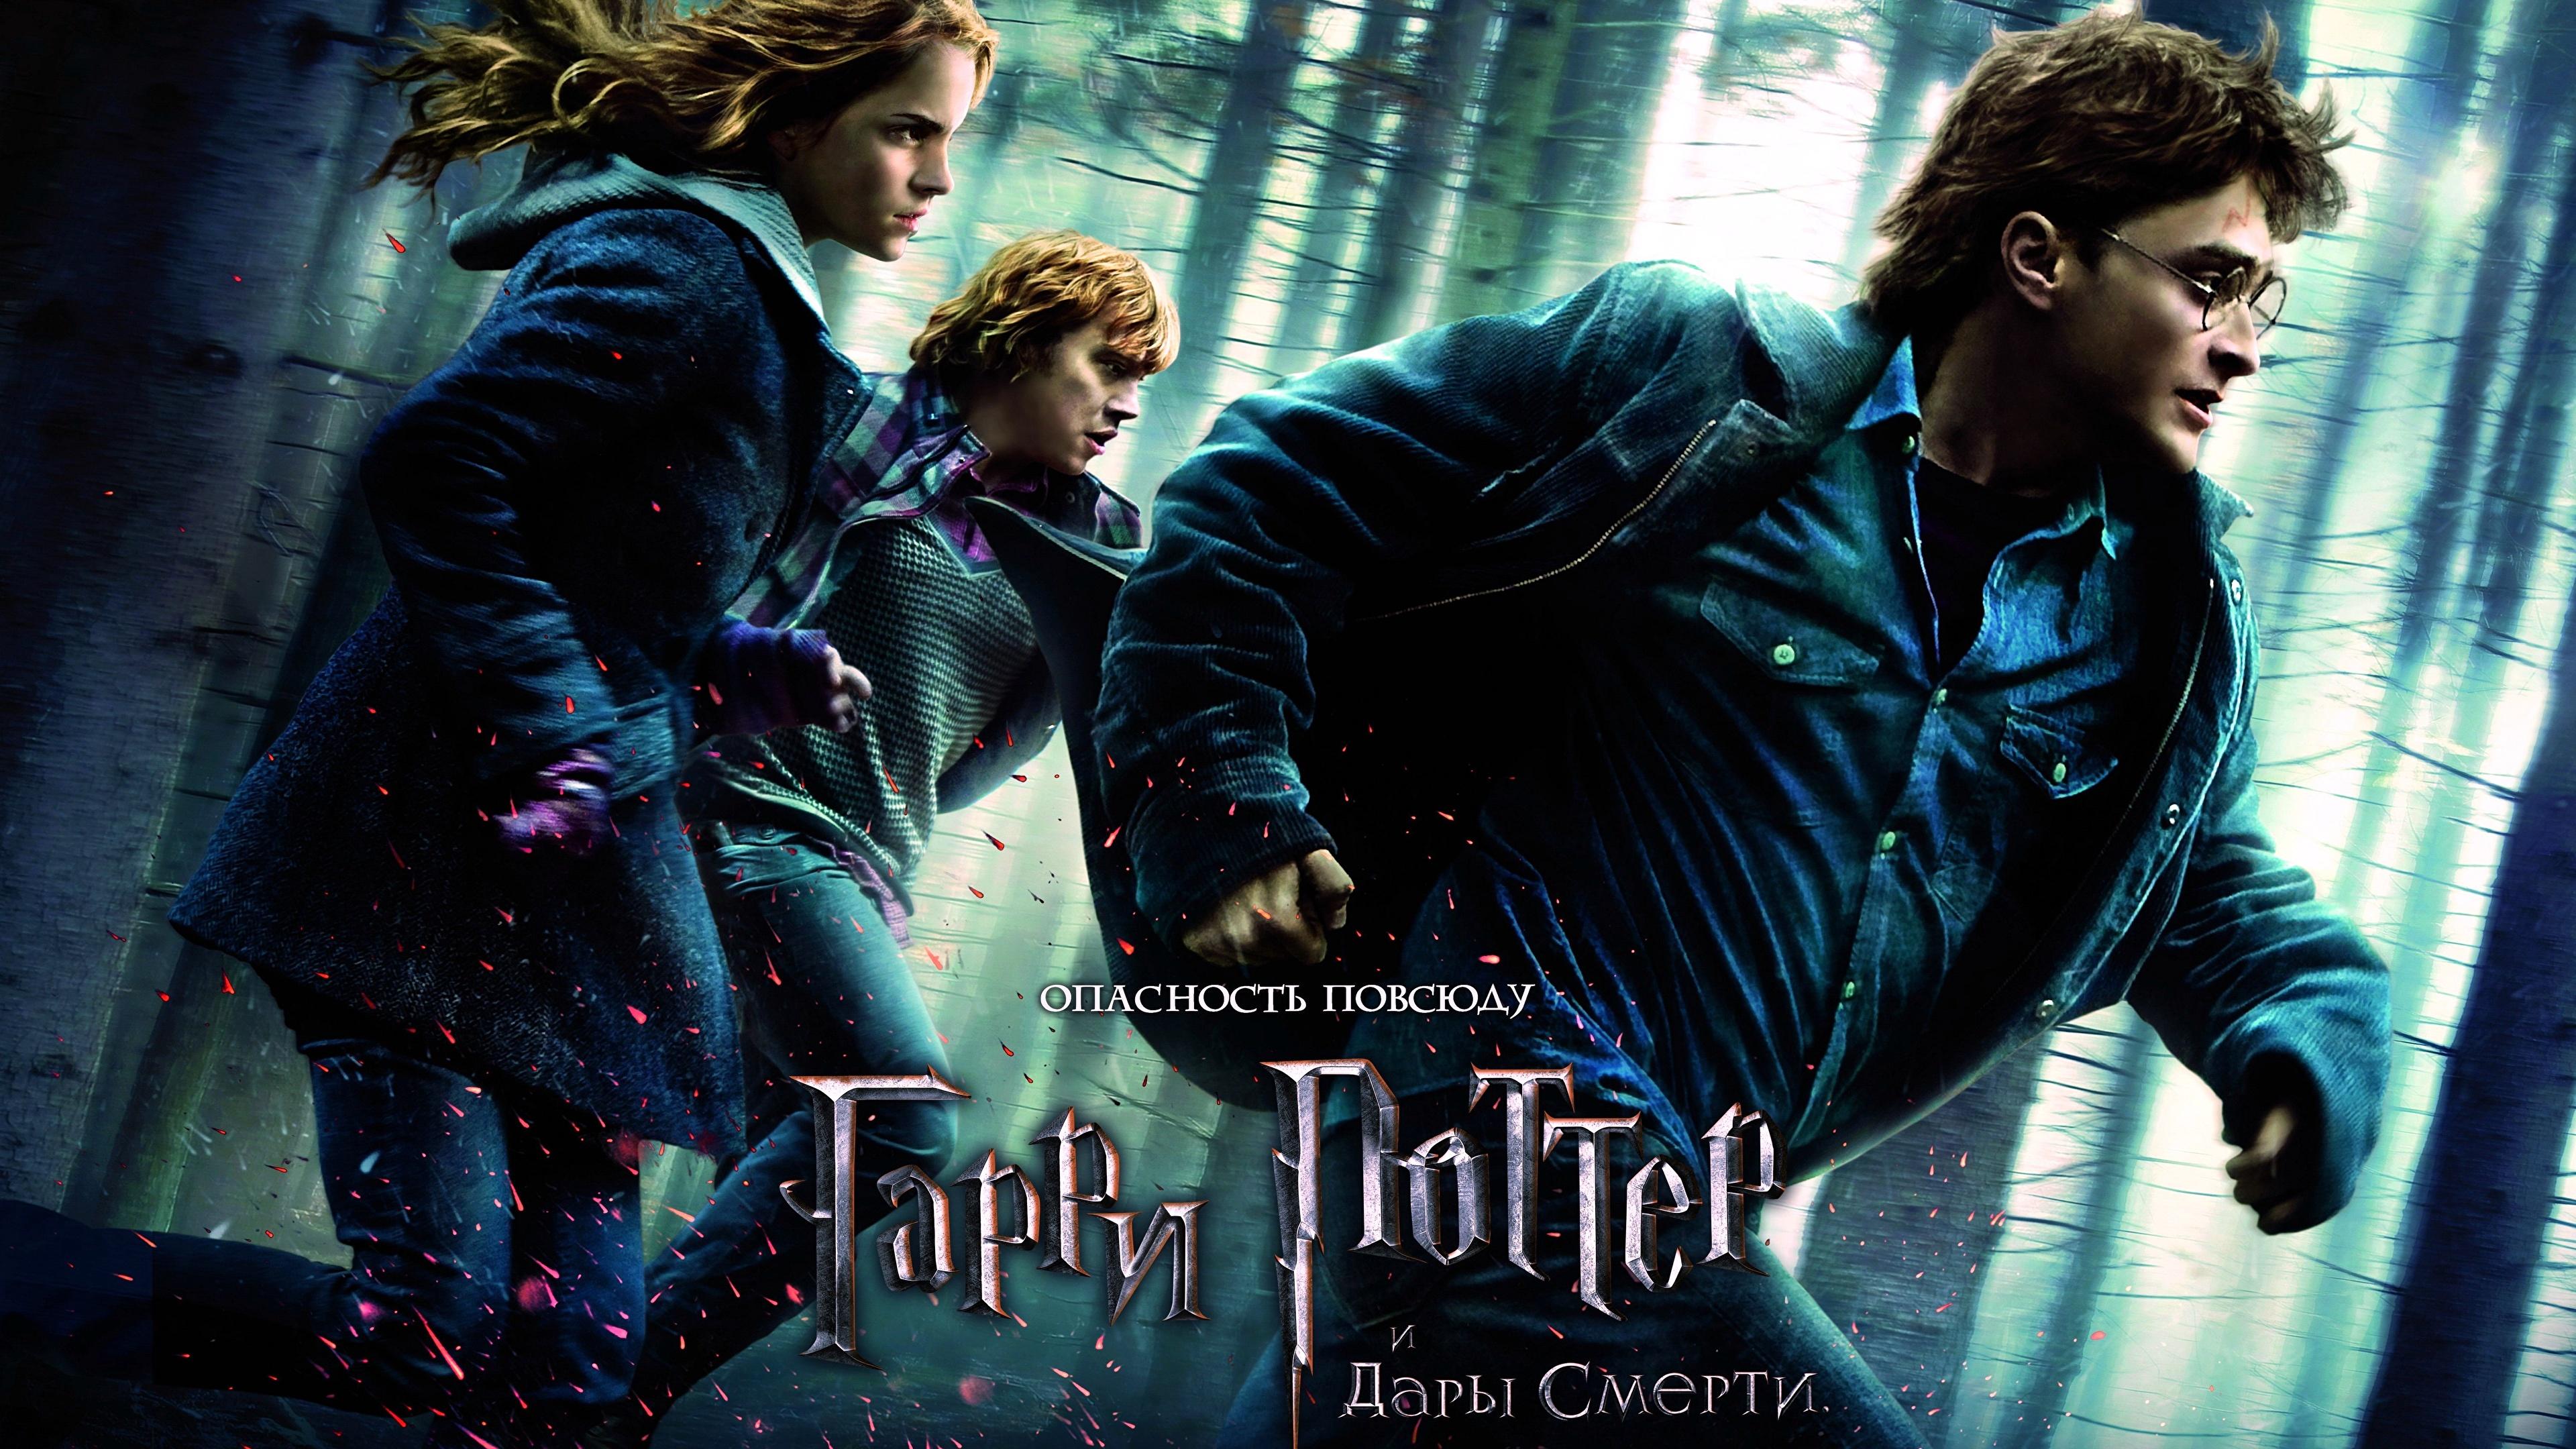 Купить кулон Дары Смерти из Гарри Поттера  заказать в